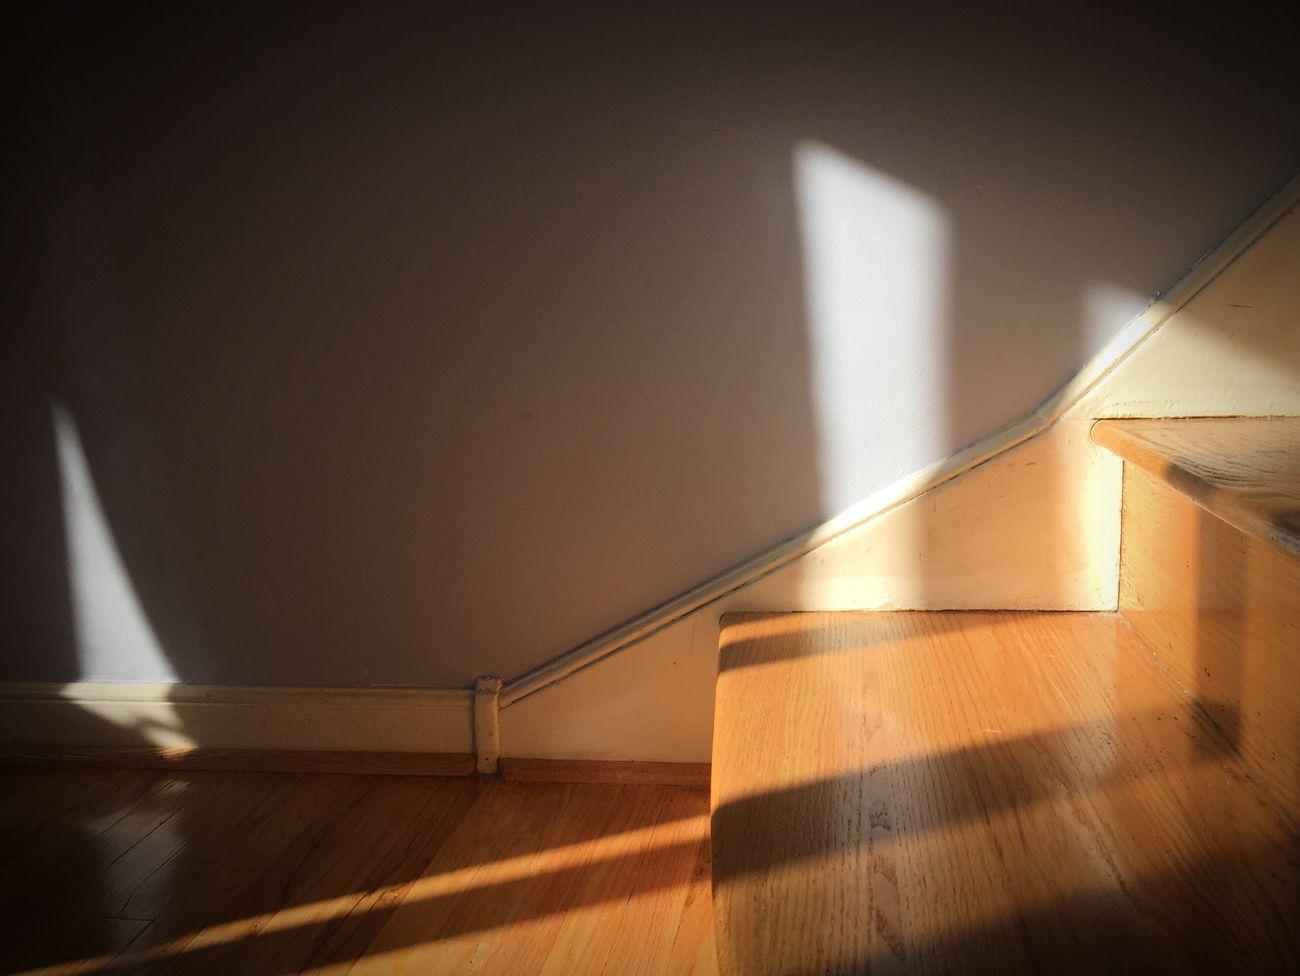 Indoors  Home Interior Minimalism Illuminated Minimal Minimalobsession Minimalist Shadows & Lights